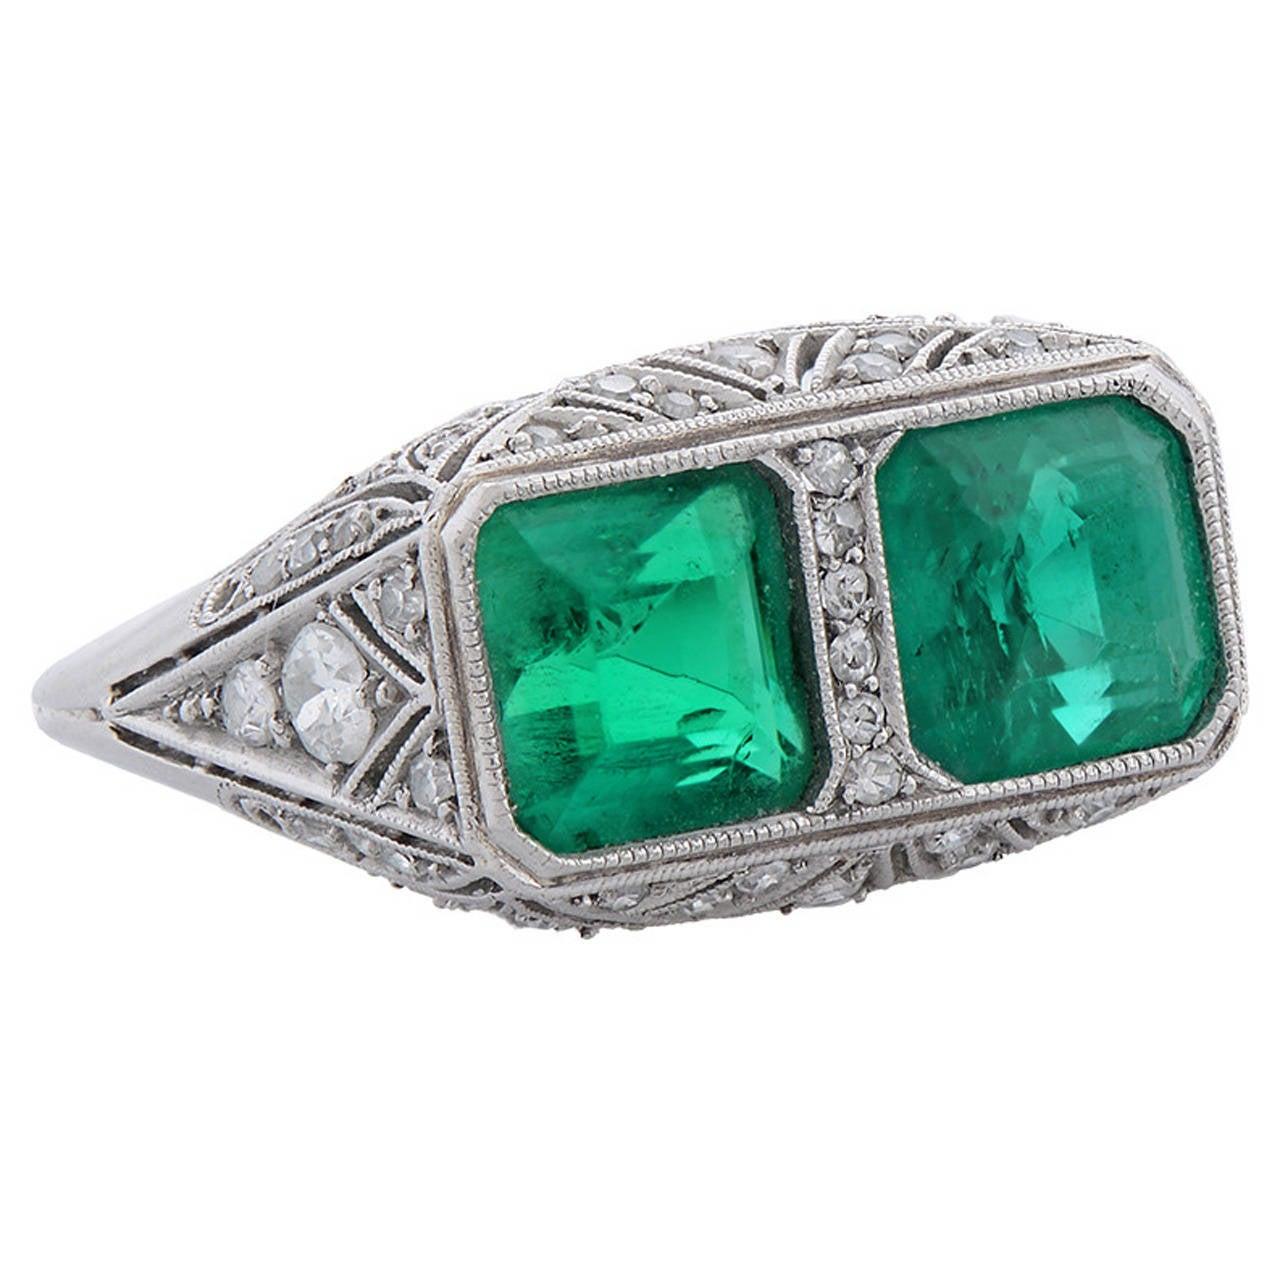 A Fine Art Deco Two-Stone Emerald Diamond Platinum Ring 1